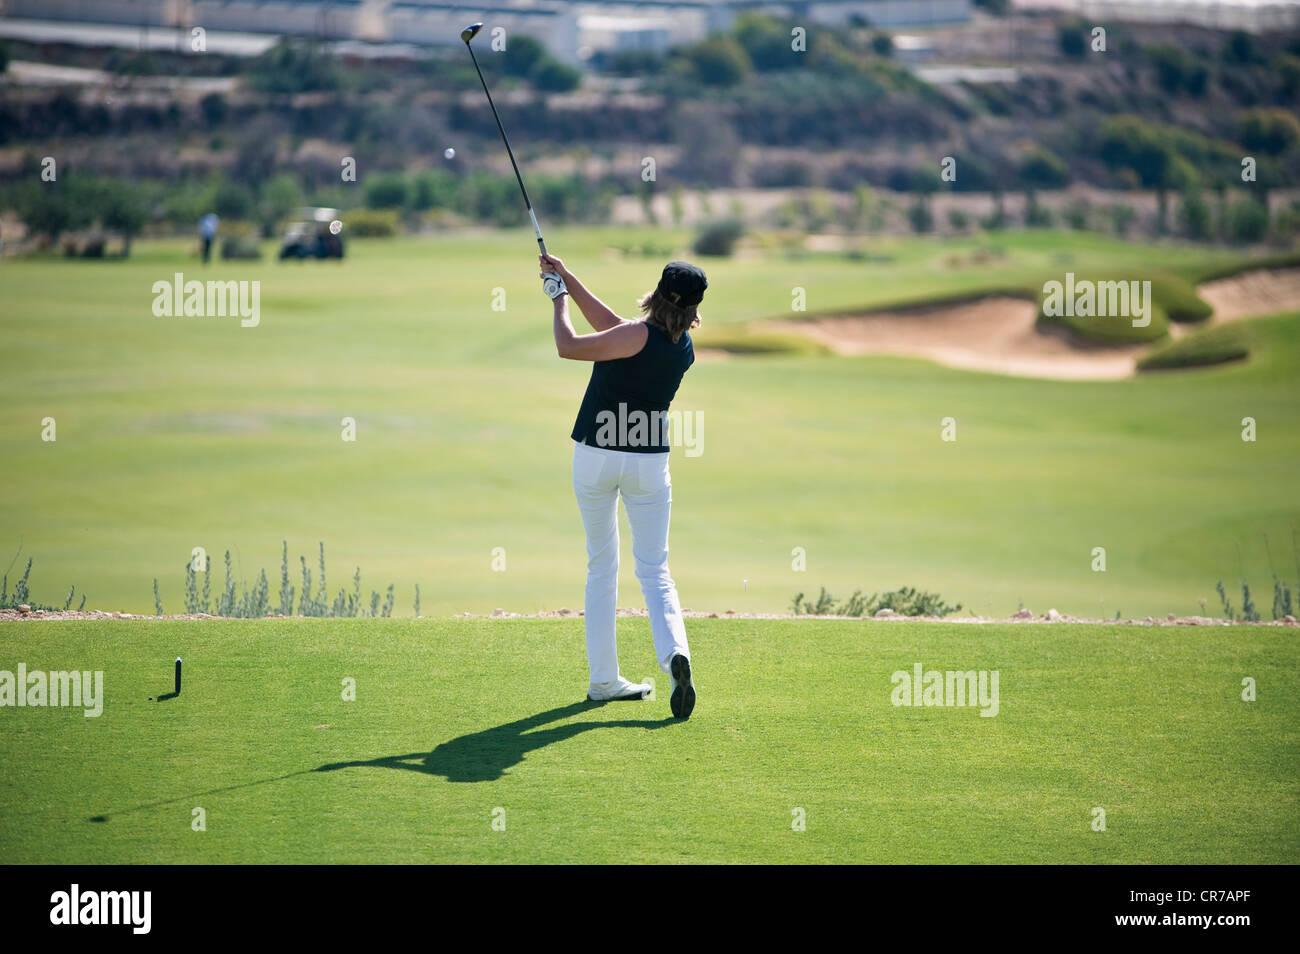 Chipre, Mujer jugando al golf en el campo de golf Imagen De Stock